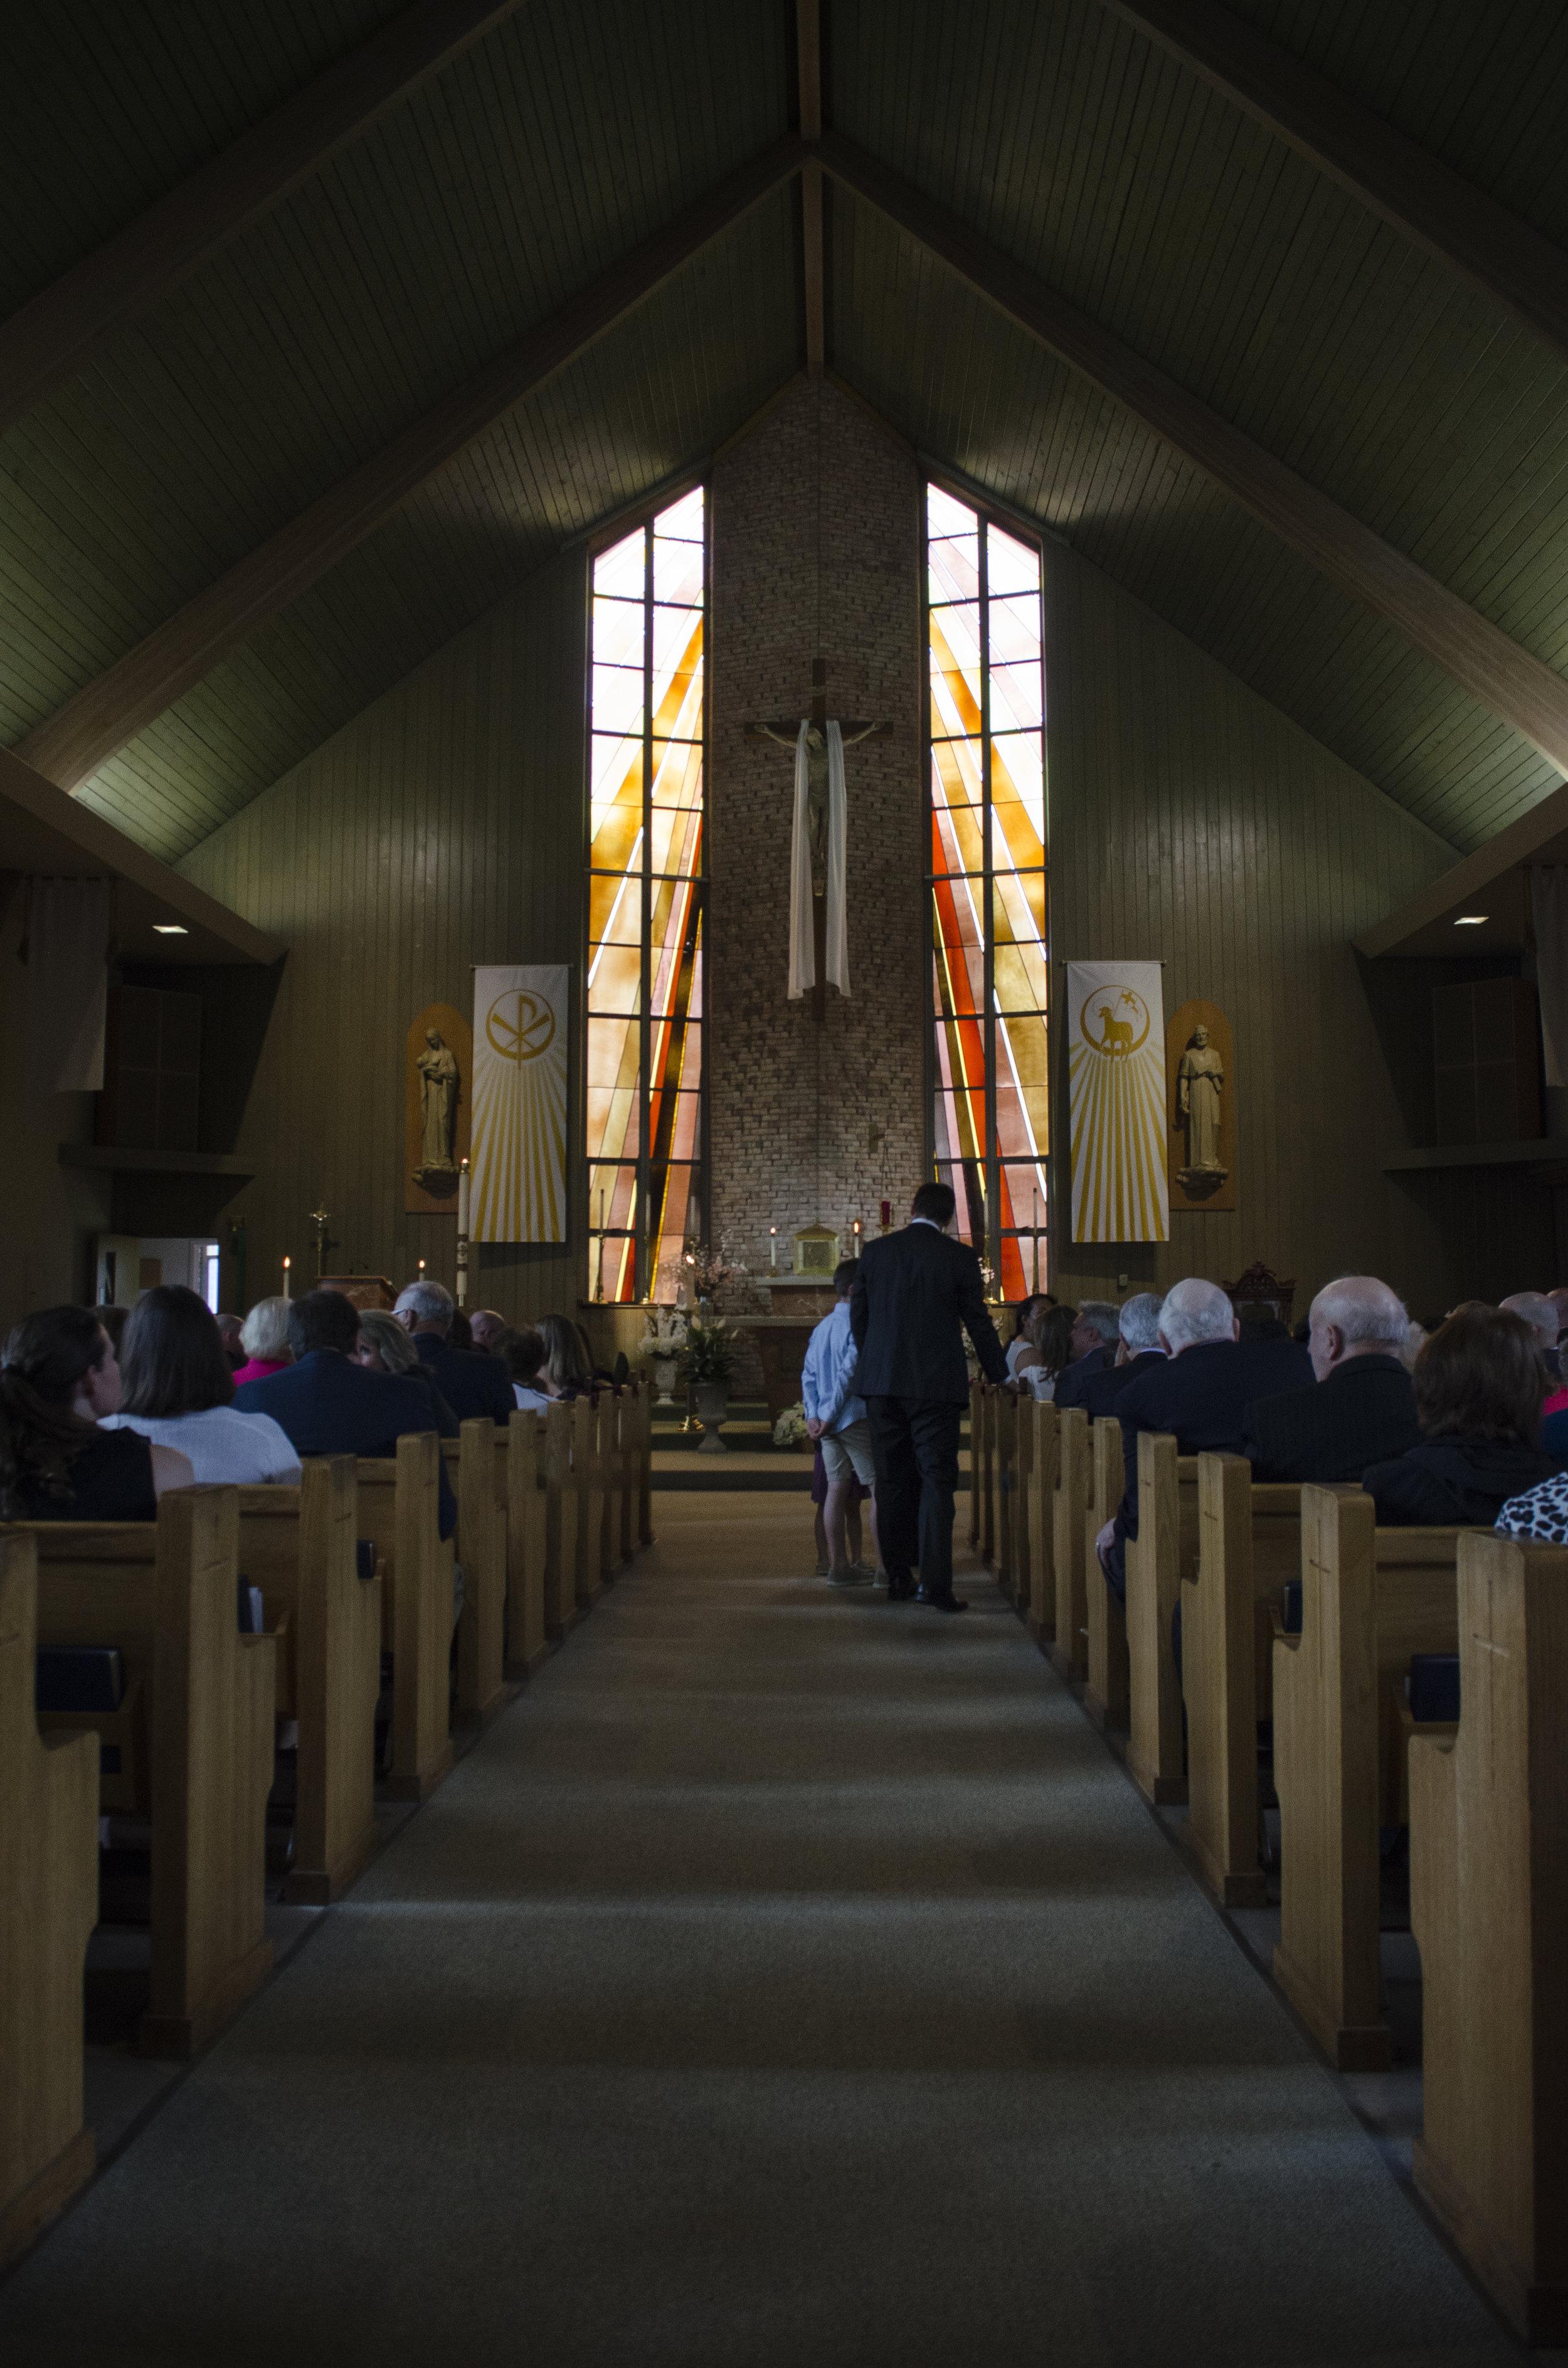 The_church_1.jpg